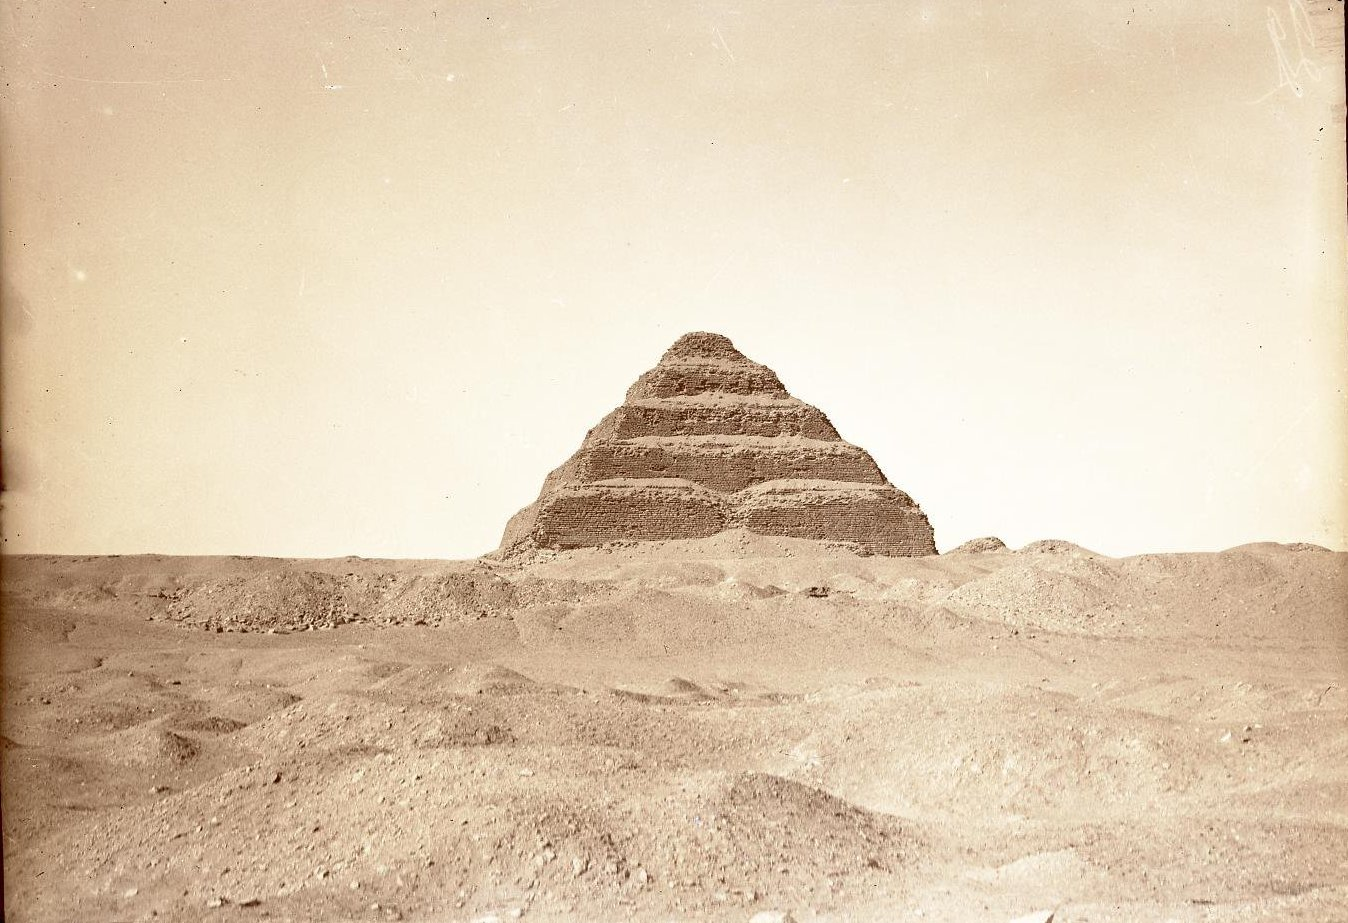 20. 1899. Египет. Окрестности Каира. Вид на пирамиду Закхара (Ступенчатая пирамида в Саккаре)